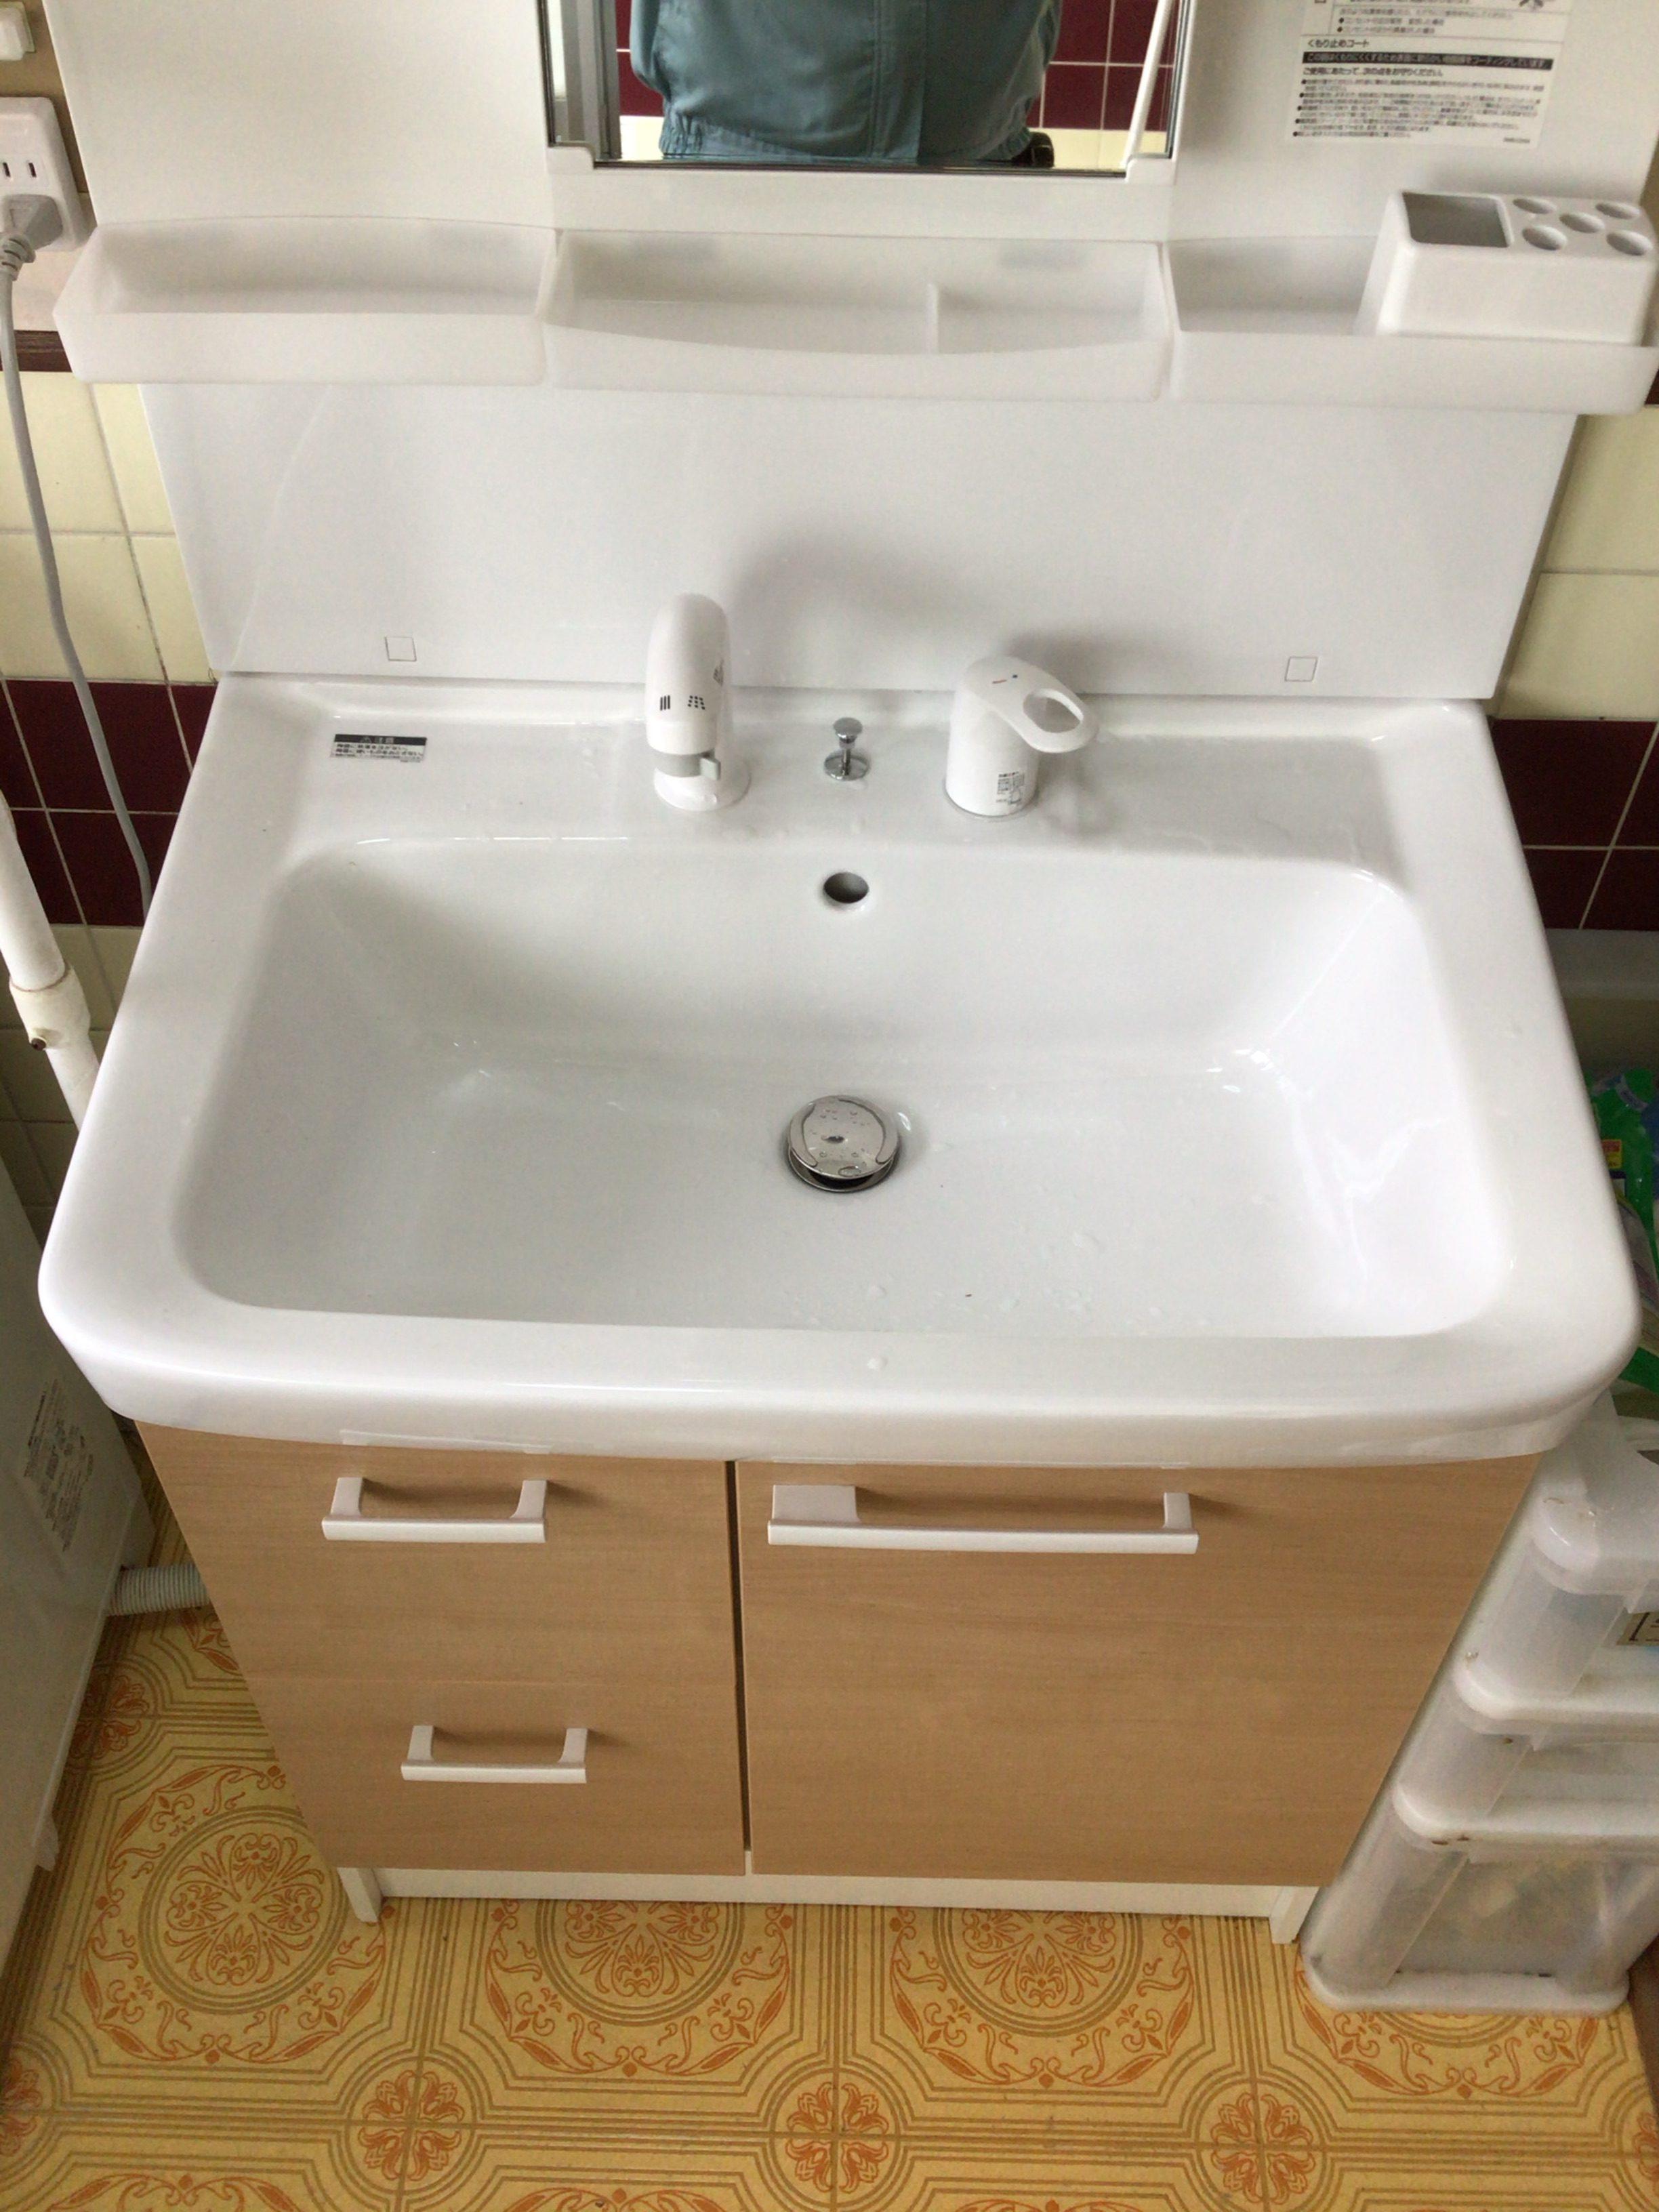 福岡トーヨー 大牟田店の洗面化粧台の施工後の写真1